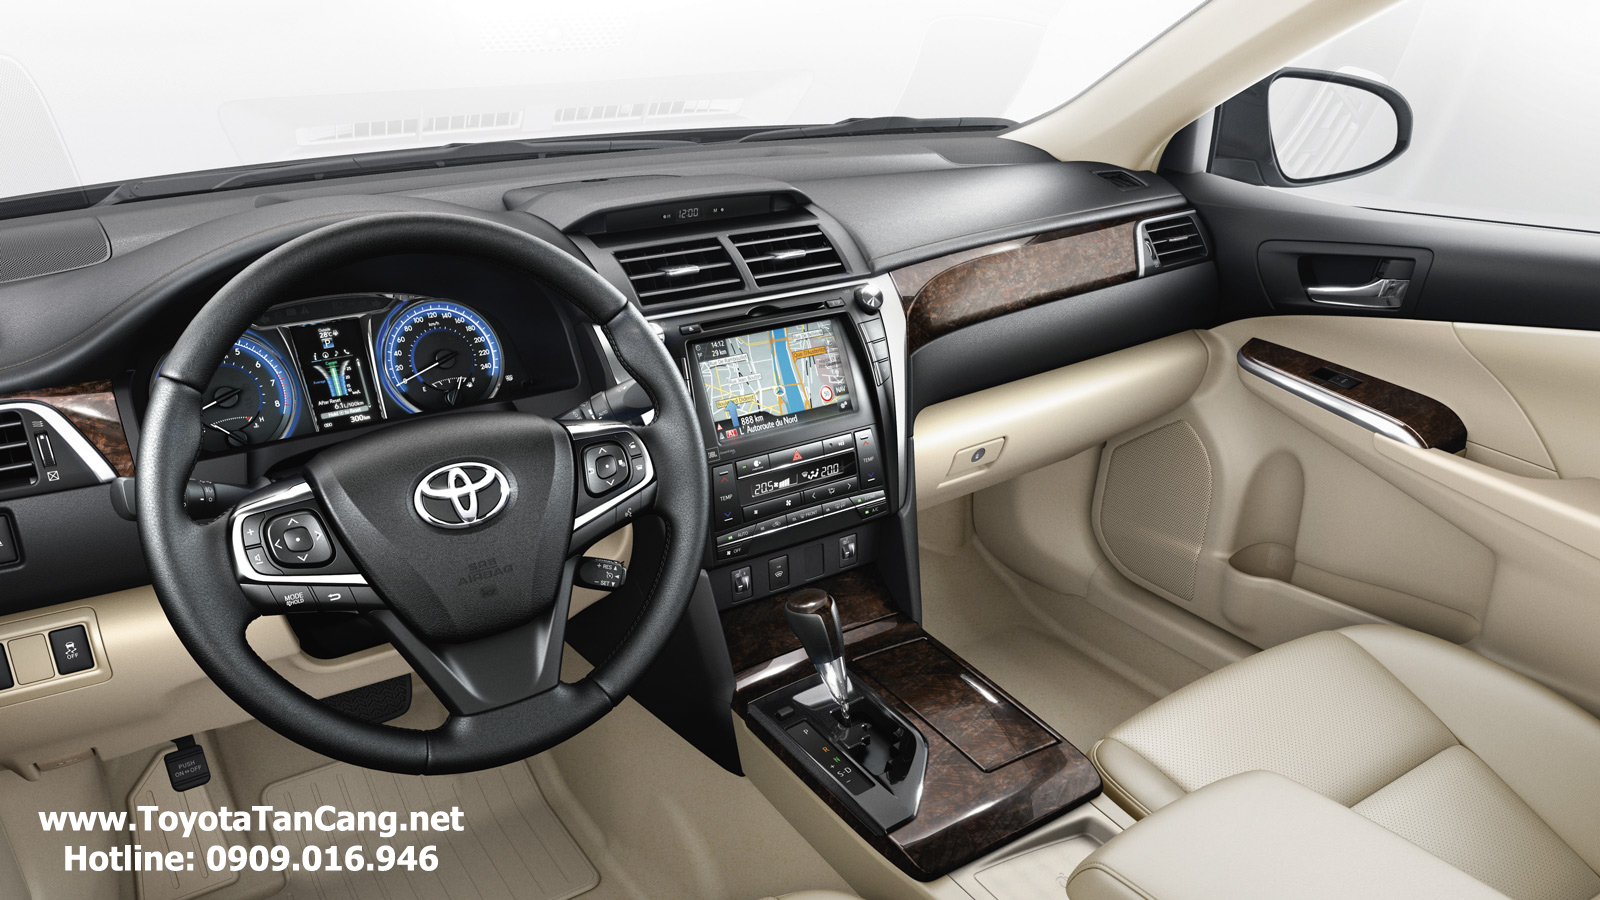 toyota camry 2015 toyota tan cang 23 -  - Với chỉ 400 triệu đồng có thể mua Xe Toyota Camry 2015 ?